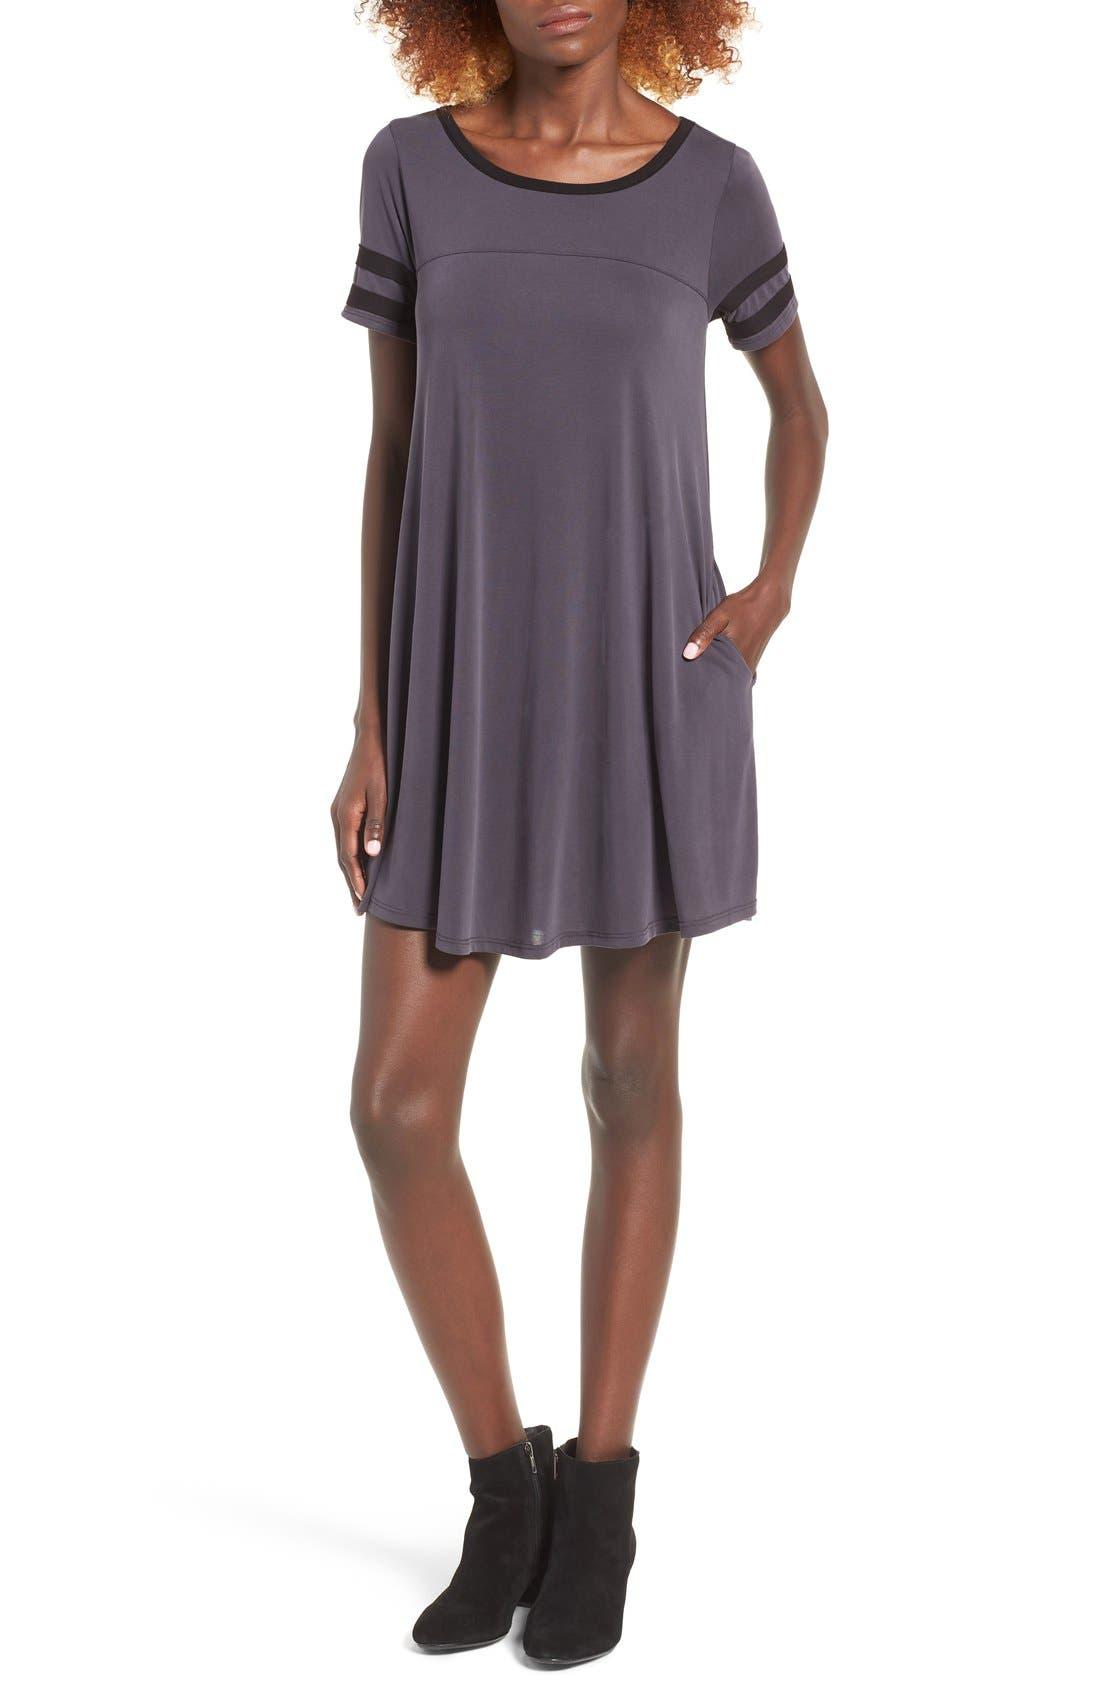 Alternate Image 1 Selected - Socialite Varsity T-Shirt Dress